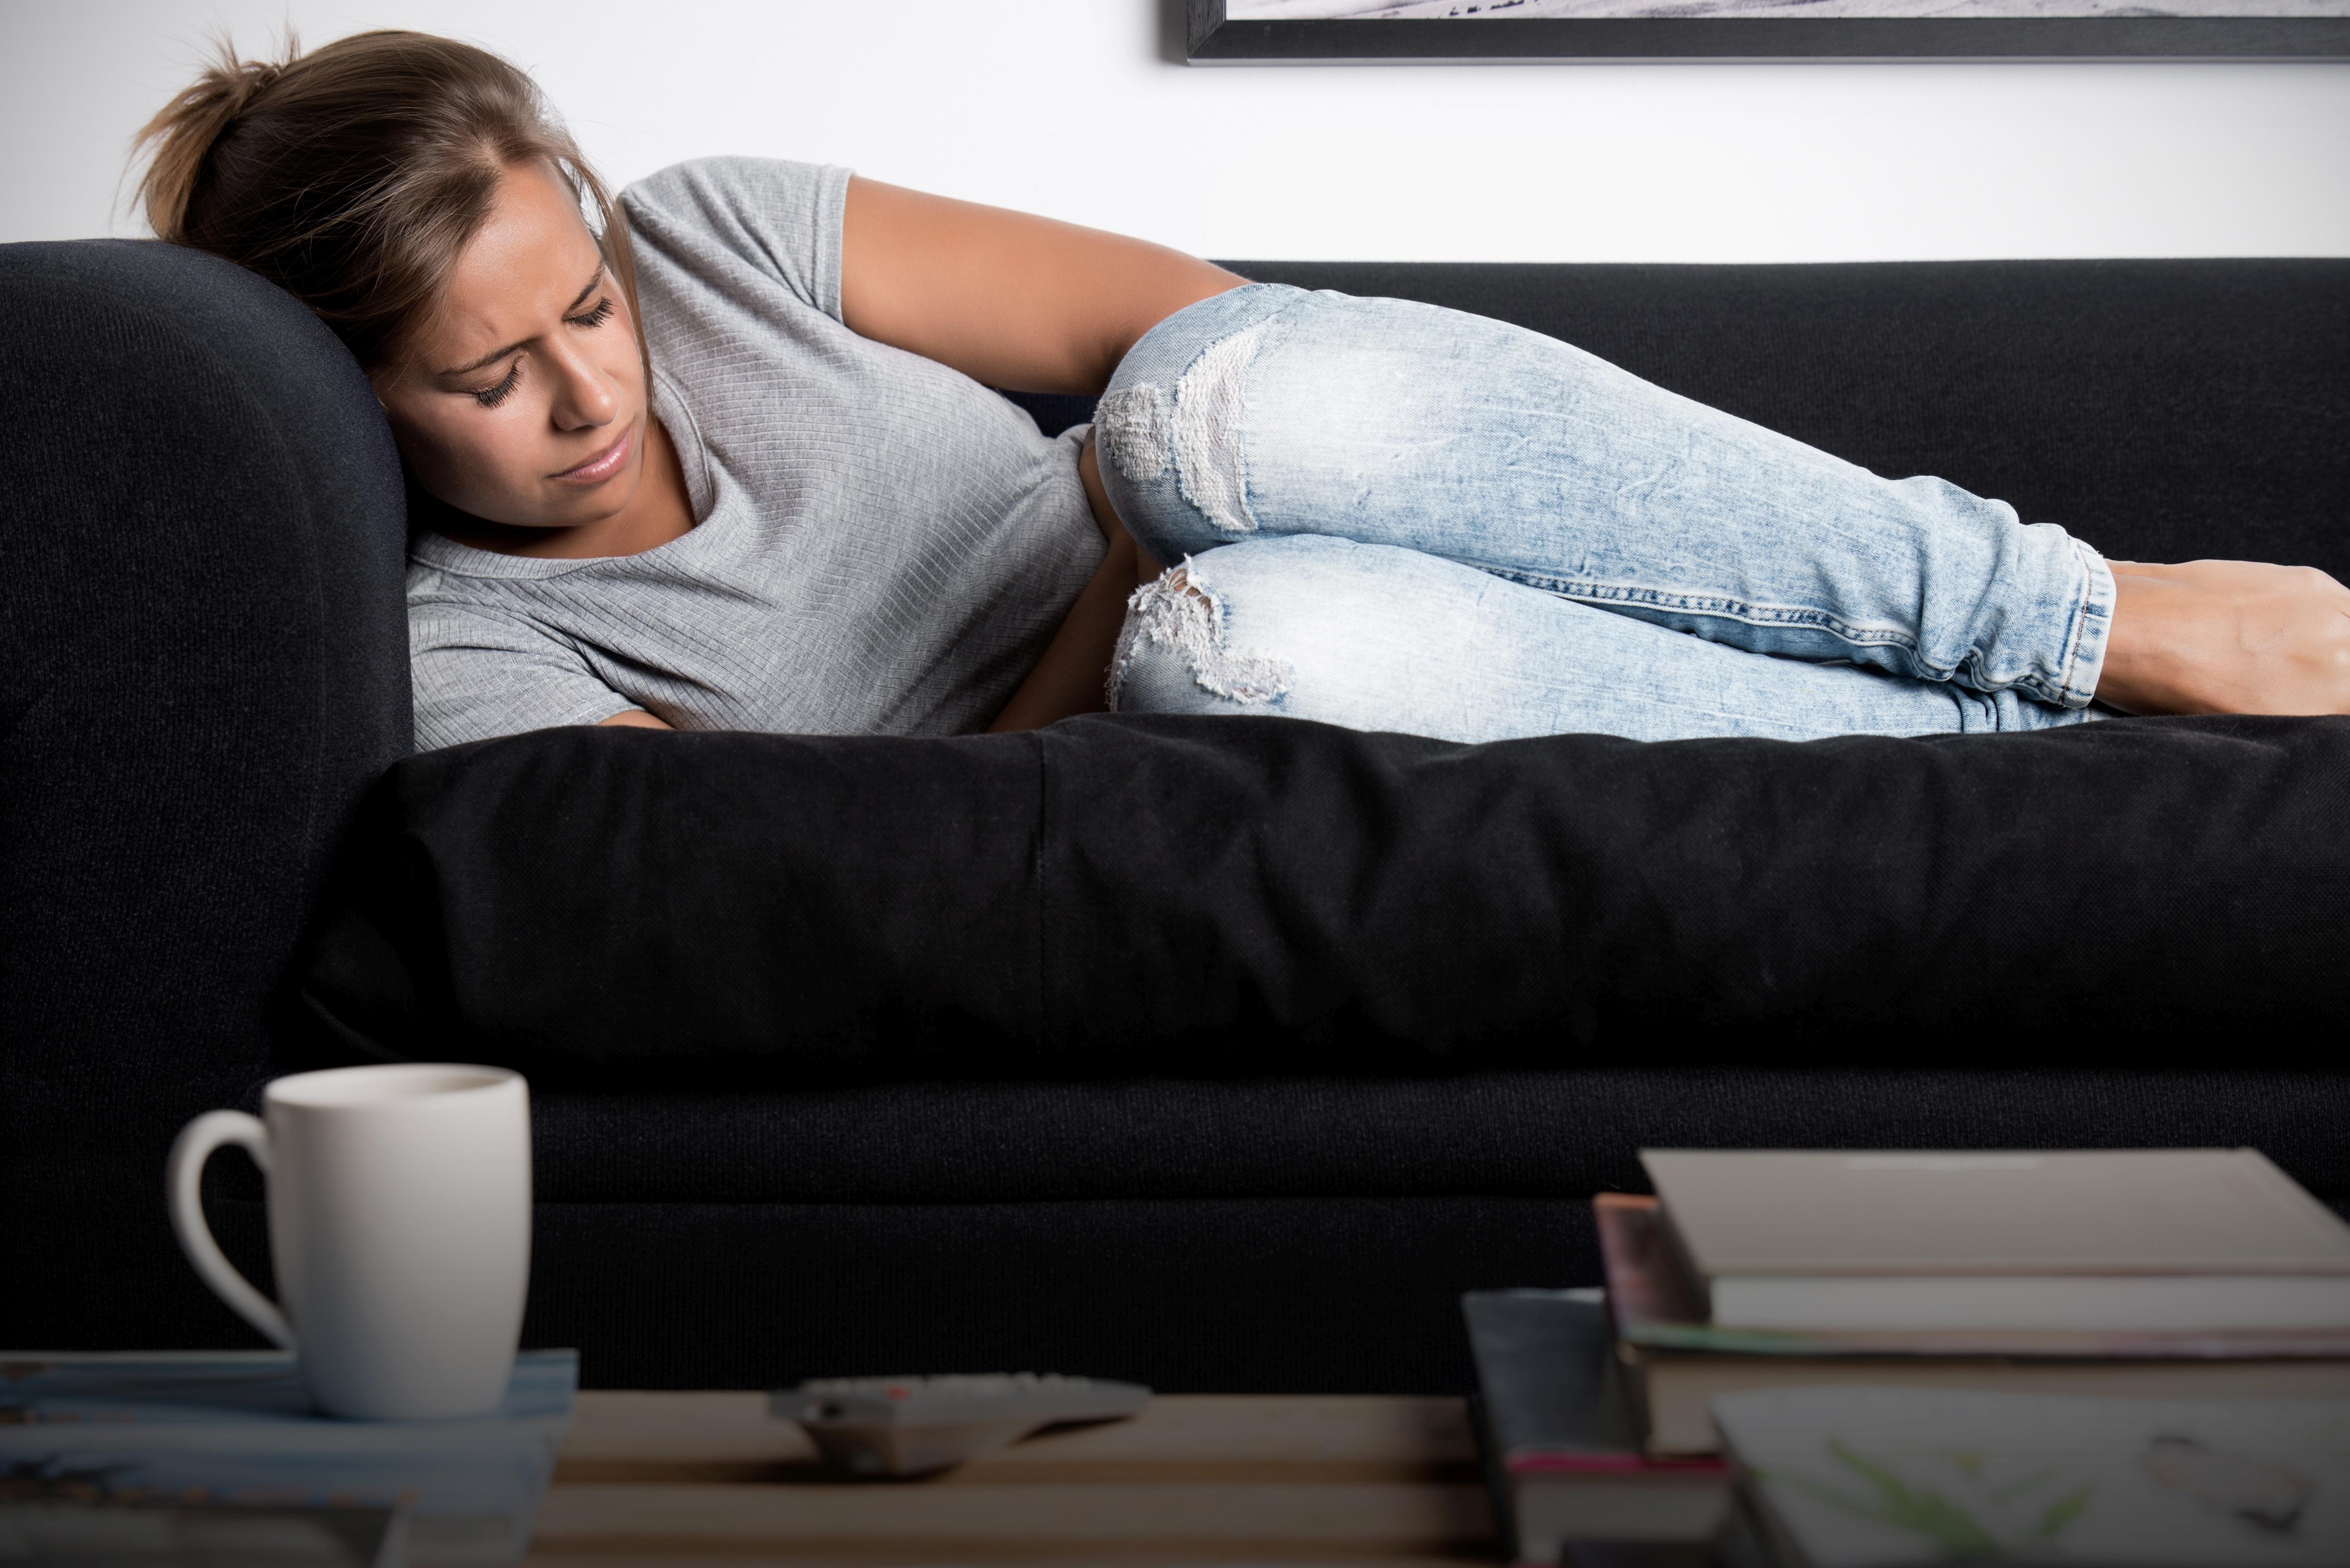 Skuteczne sposoby na bóle brzucha